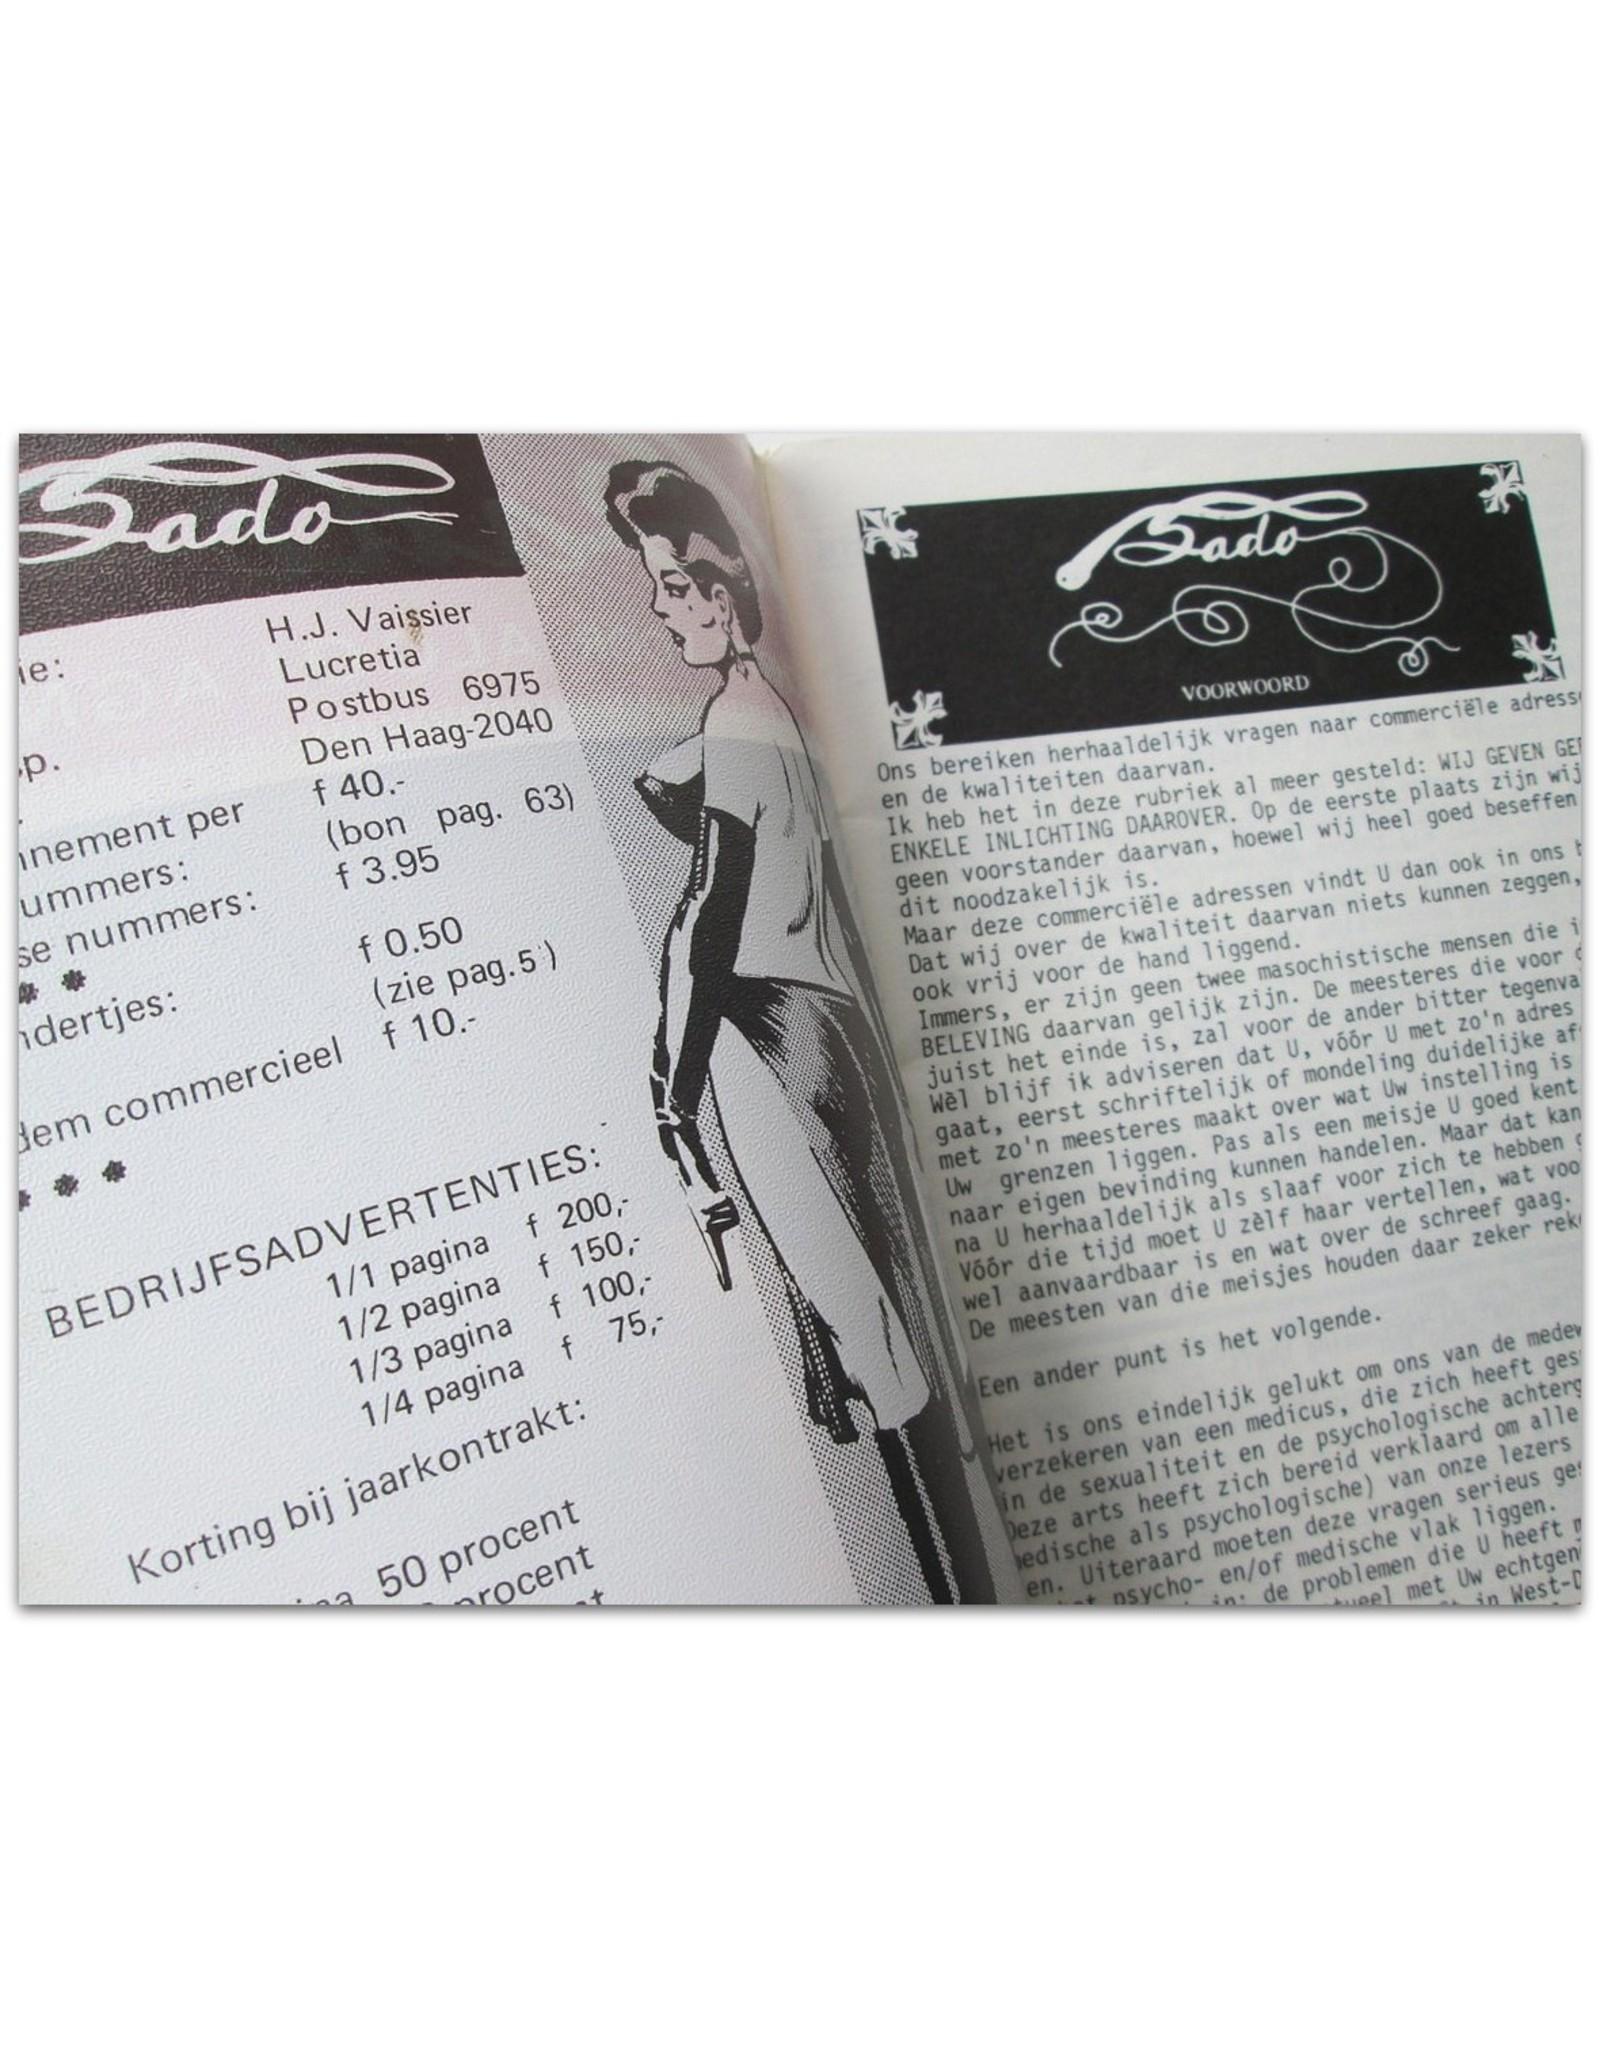 [BDSM] Sado: 4de jaargang nr. 10. Tijdschrift voor algolagny